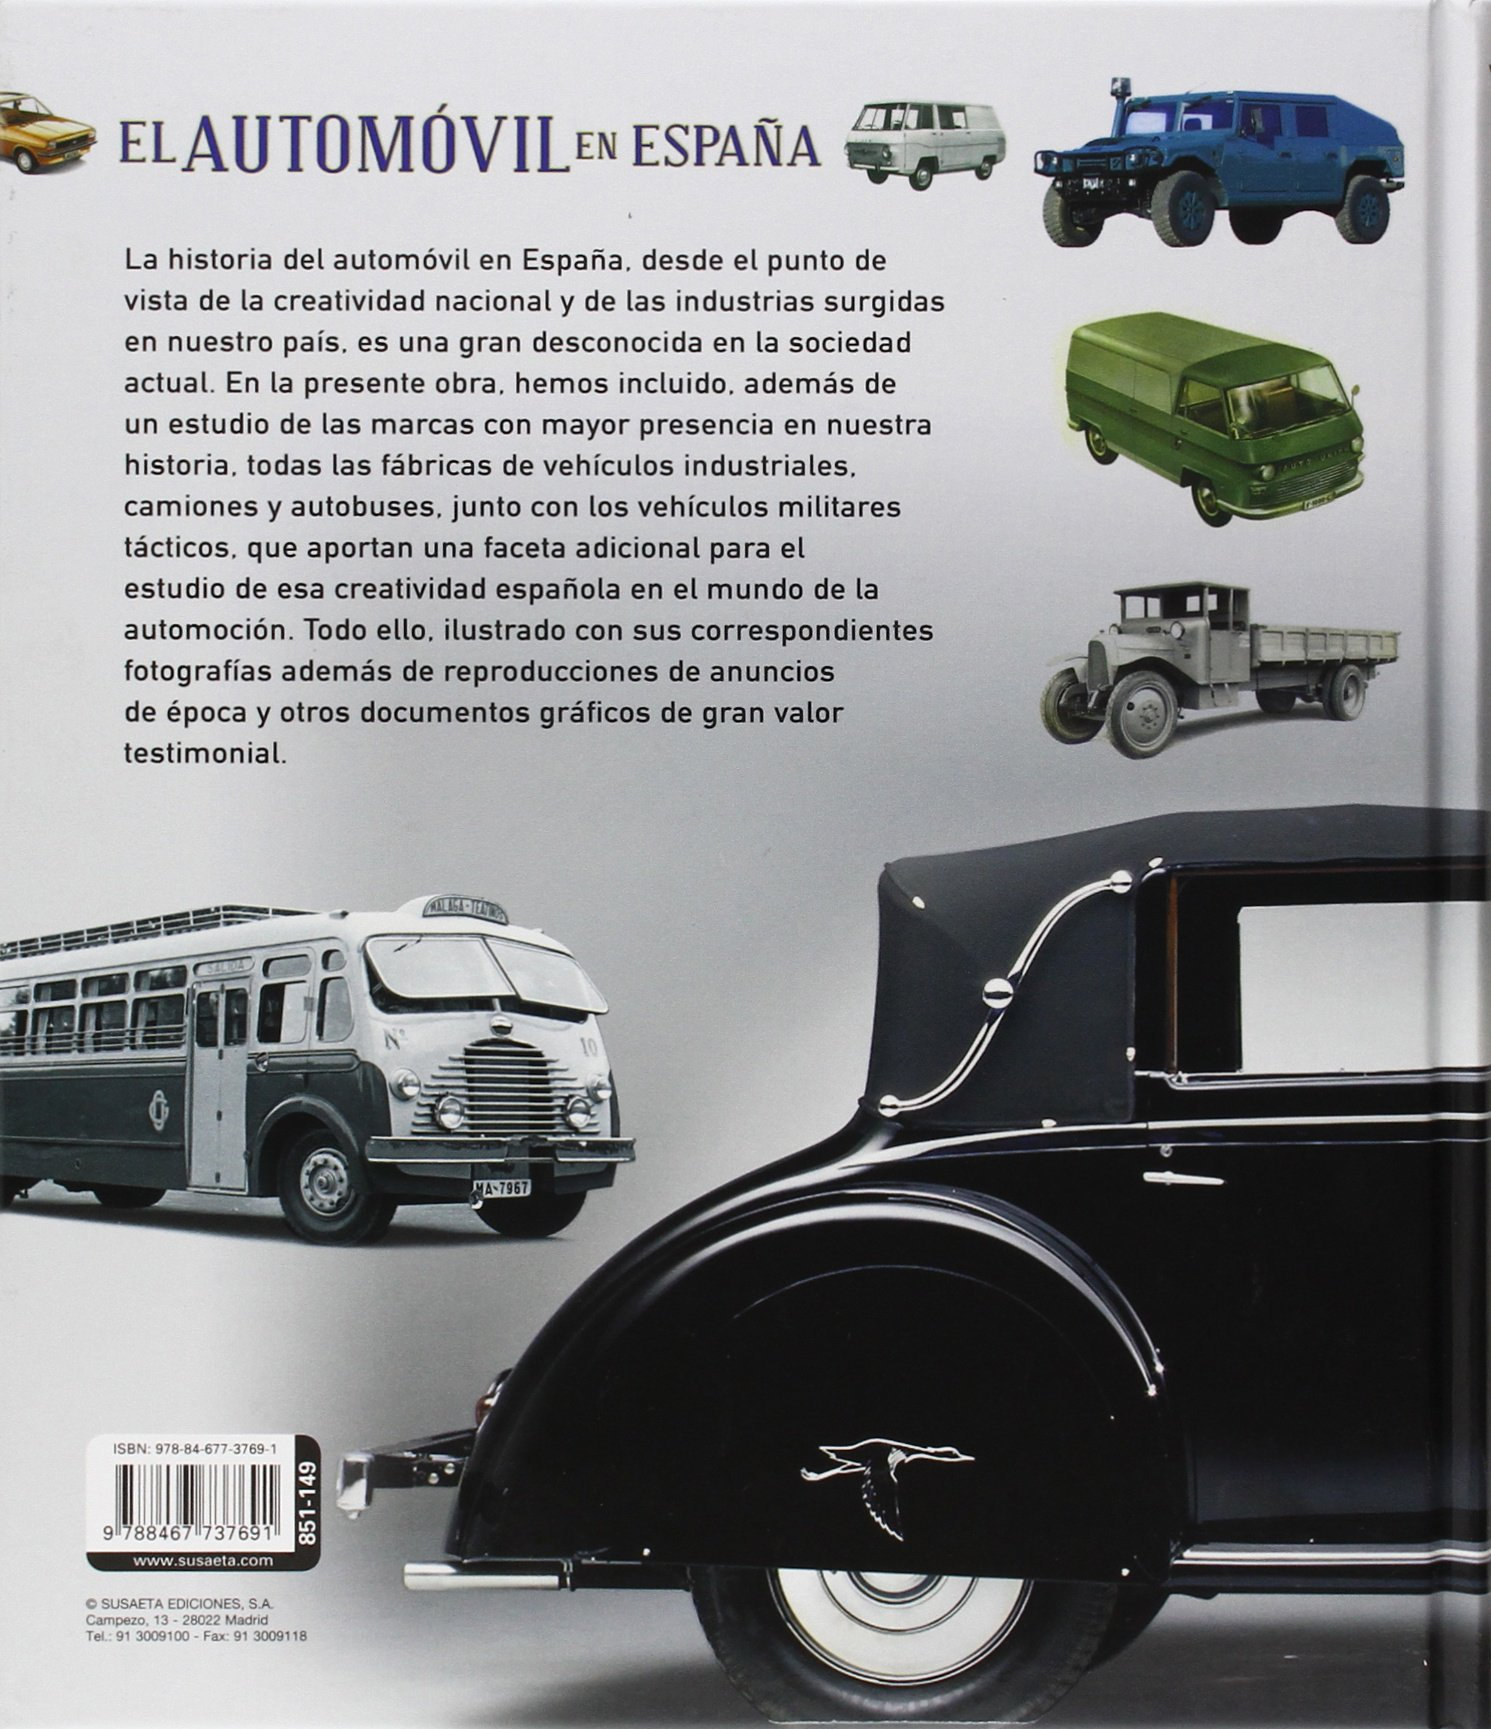 El automóvil en España (Atlas Ilustrado): Amazon.es: Equipo de Susaeta: Libros